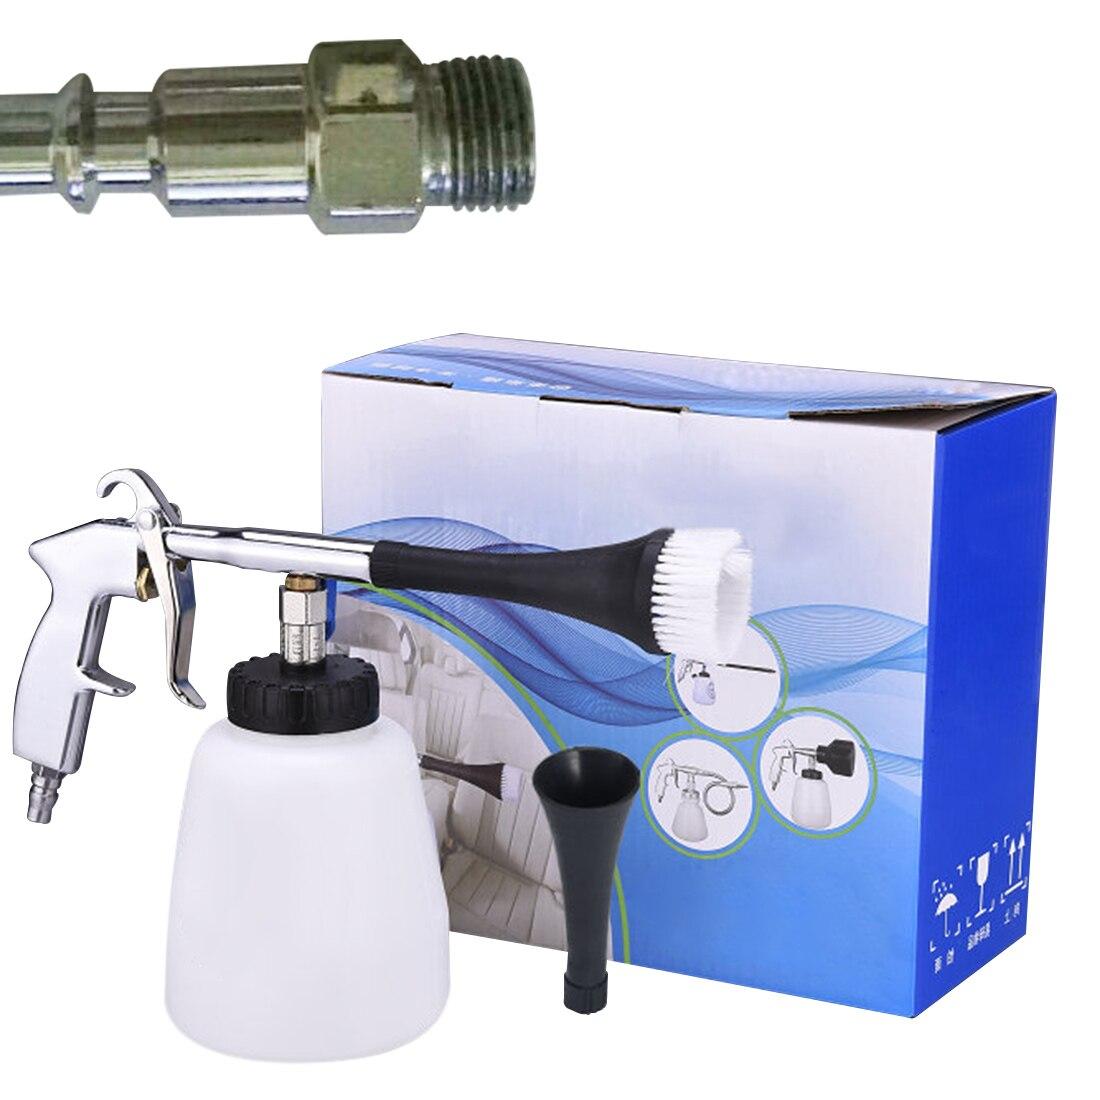 Новая горячая мойка высокого давления, инструмент для чистки автомобиля, пистолет-распылитель для салона автомобиля, машина для сухой чист...